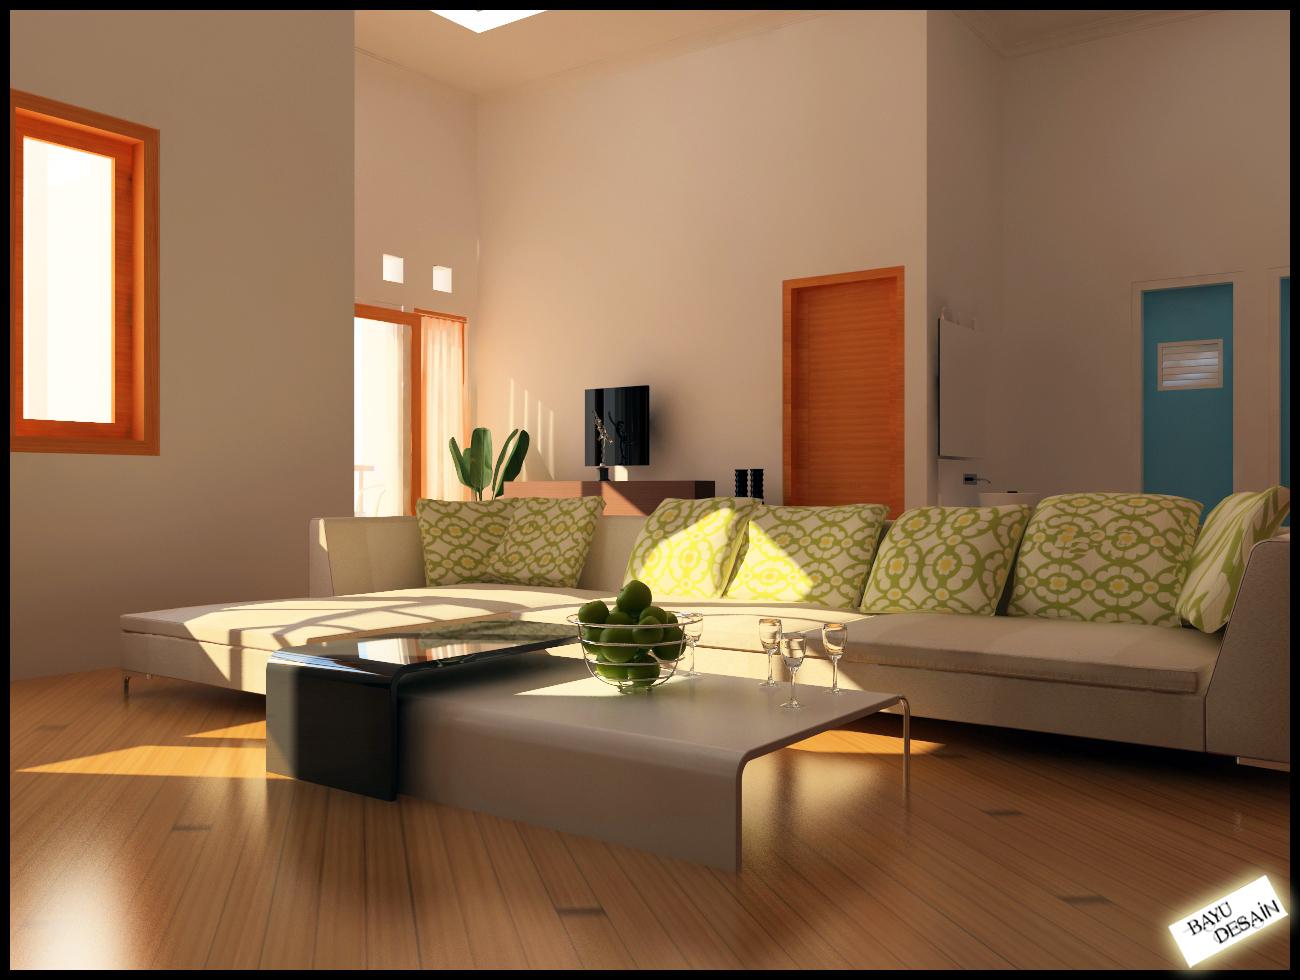 desain interior ruang tamu modern rumah minimalis 2015